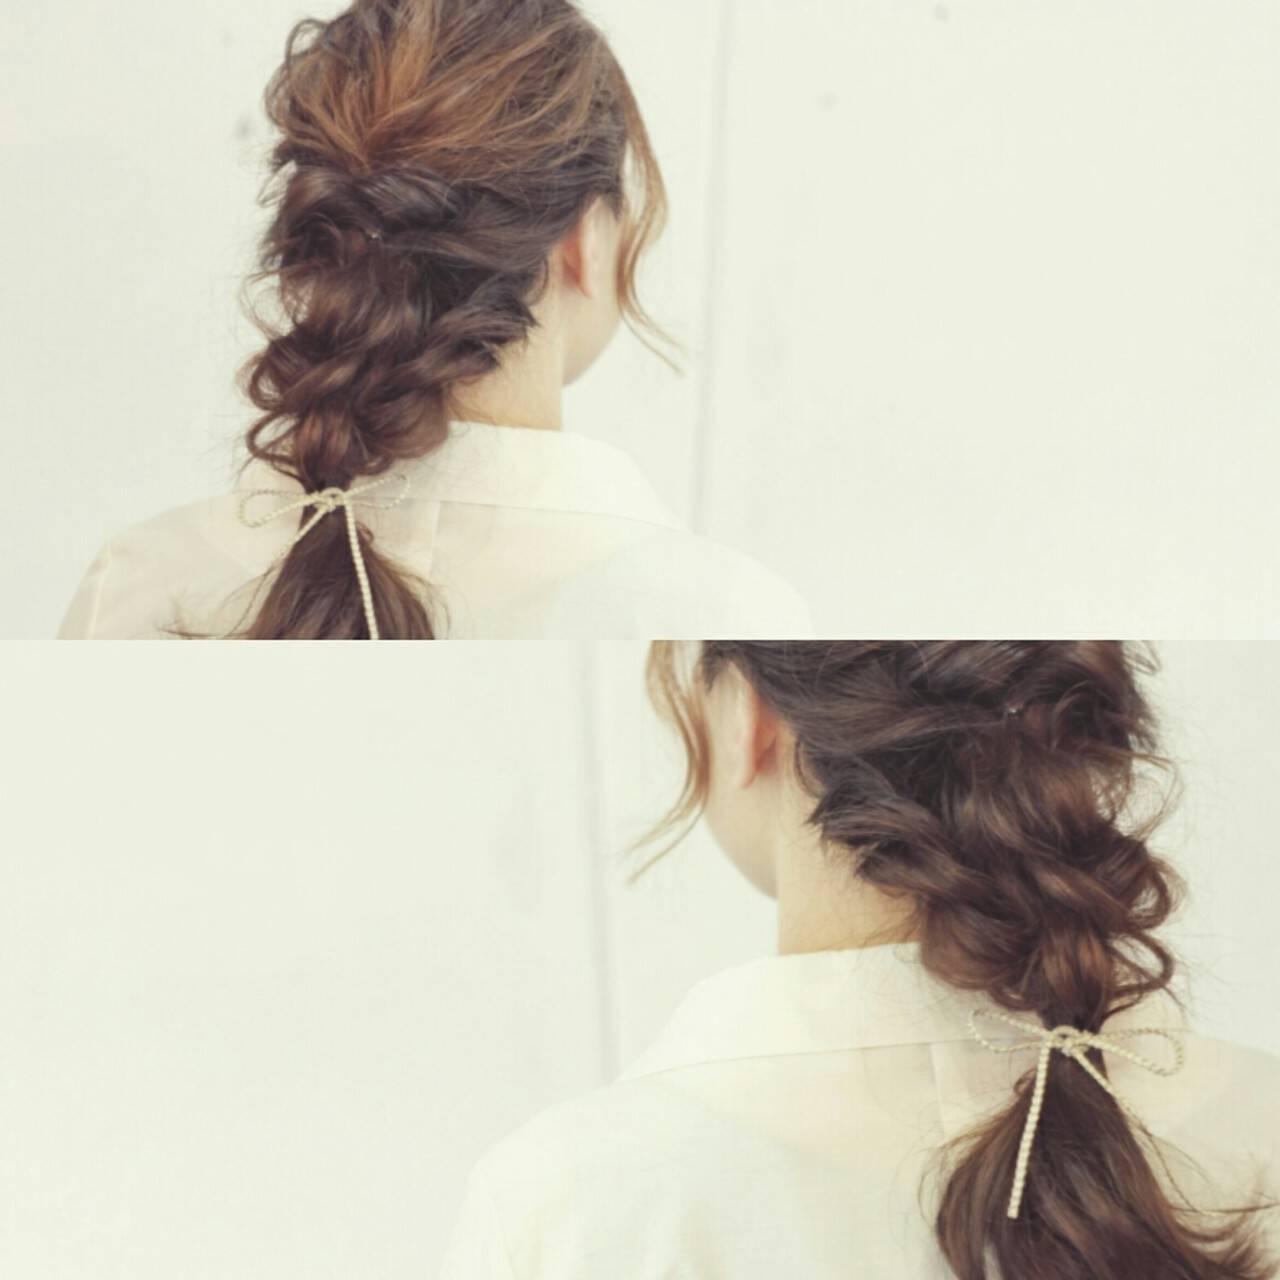 ミディアム 編み込み 大人かわいい ヘアアレンジヘアスタイルや髪型の写真・画像